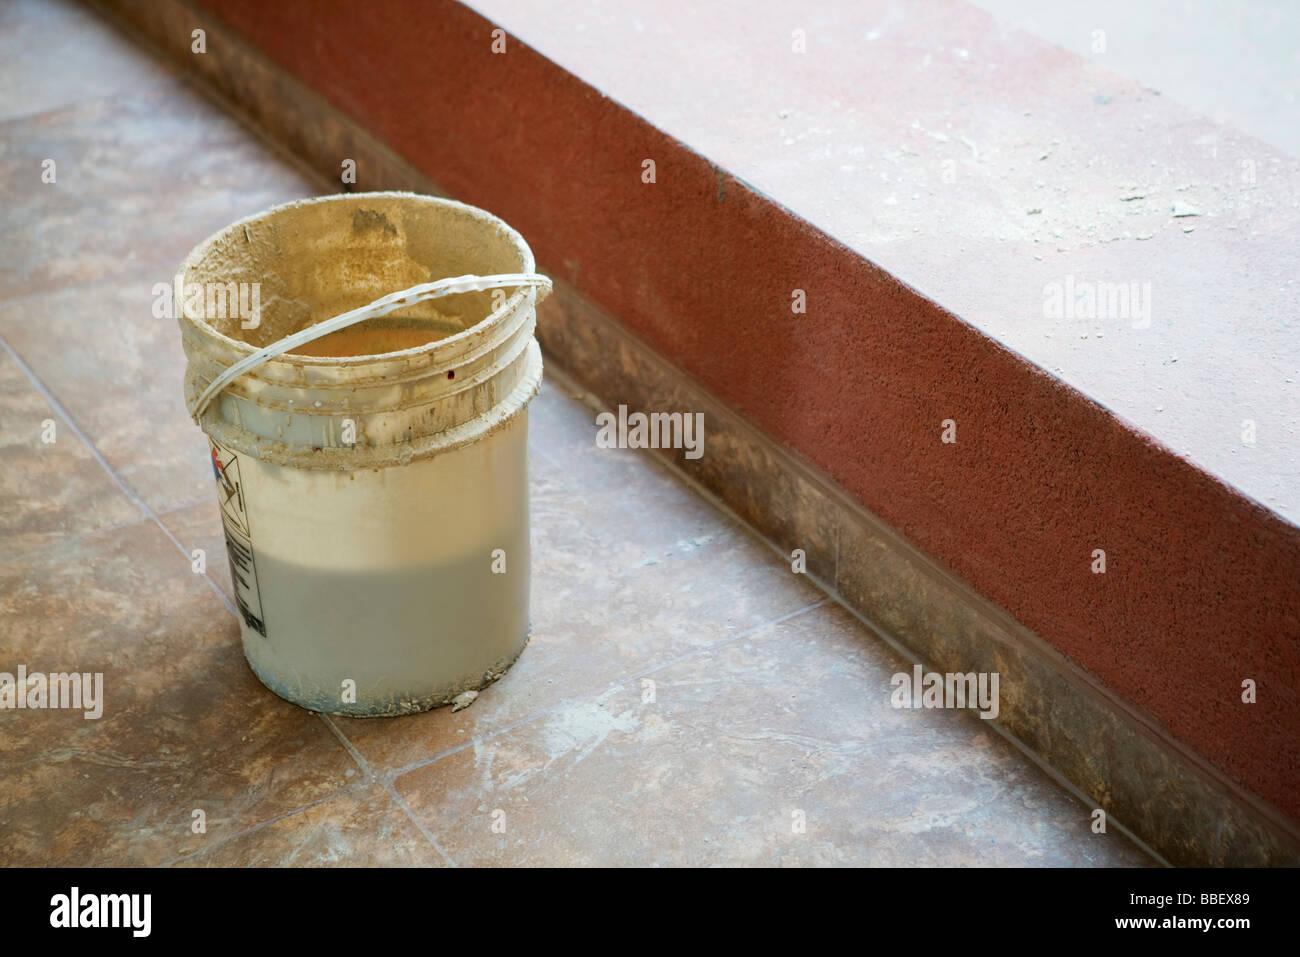 Benna impostato sul pavimento piastrellato vicino a mensola Immagini Stock